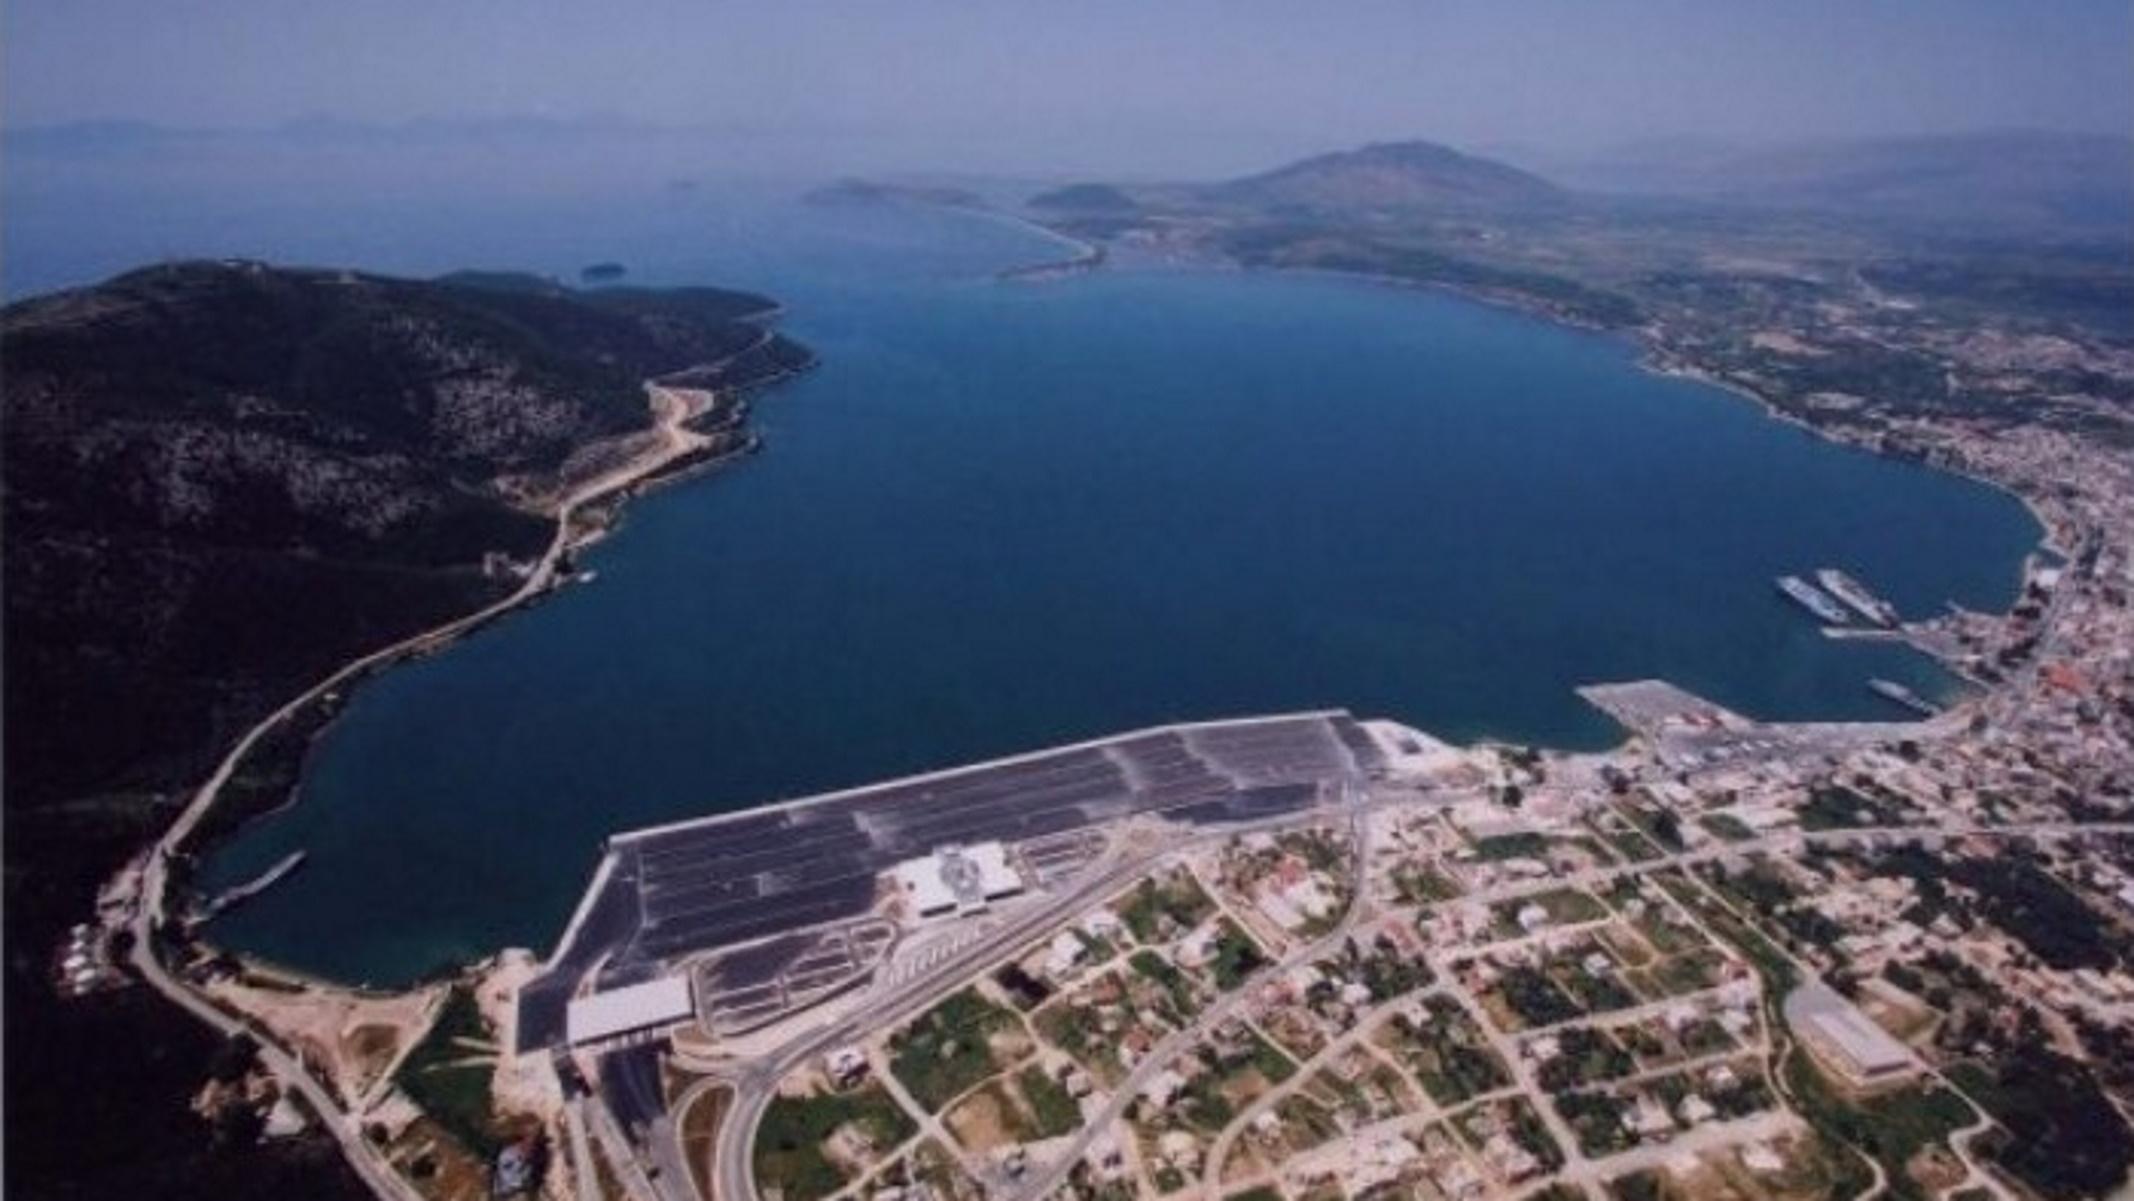 Λιμάνι Ηγουμενίτσας: Αυτοί οι επενδυτές περνούν στη β' φάση του διαγωνισμού για την απόκτηση του 67%